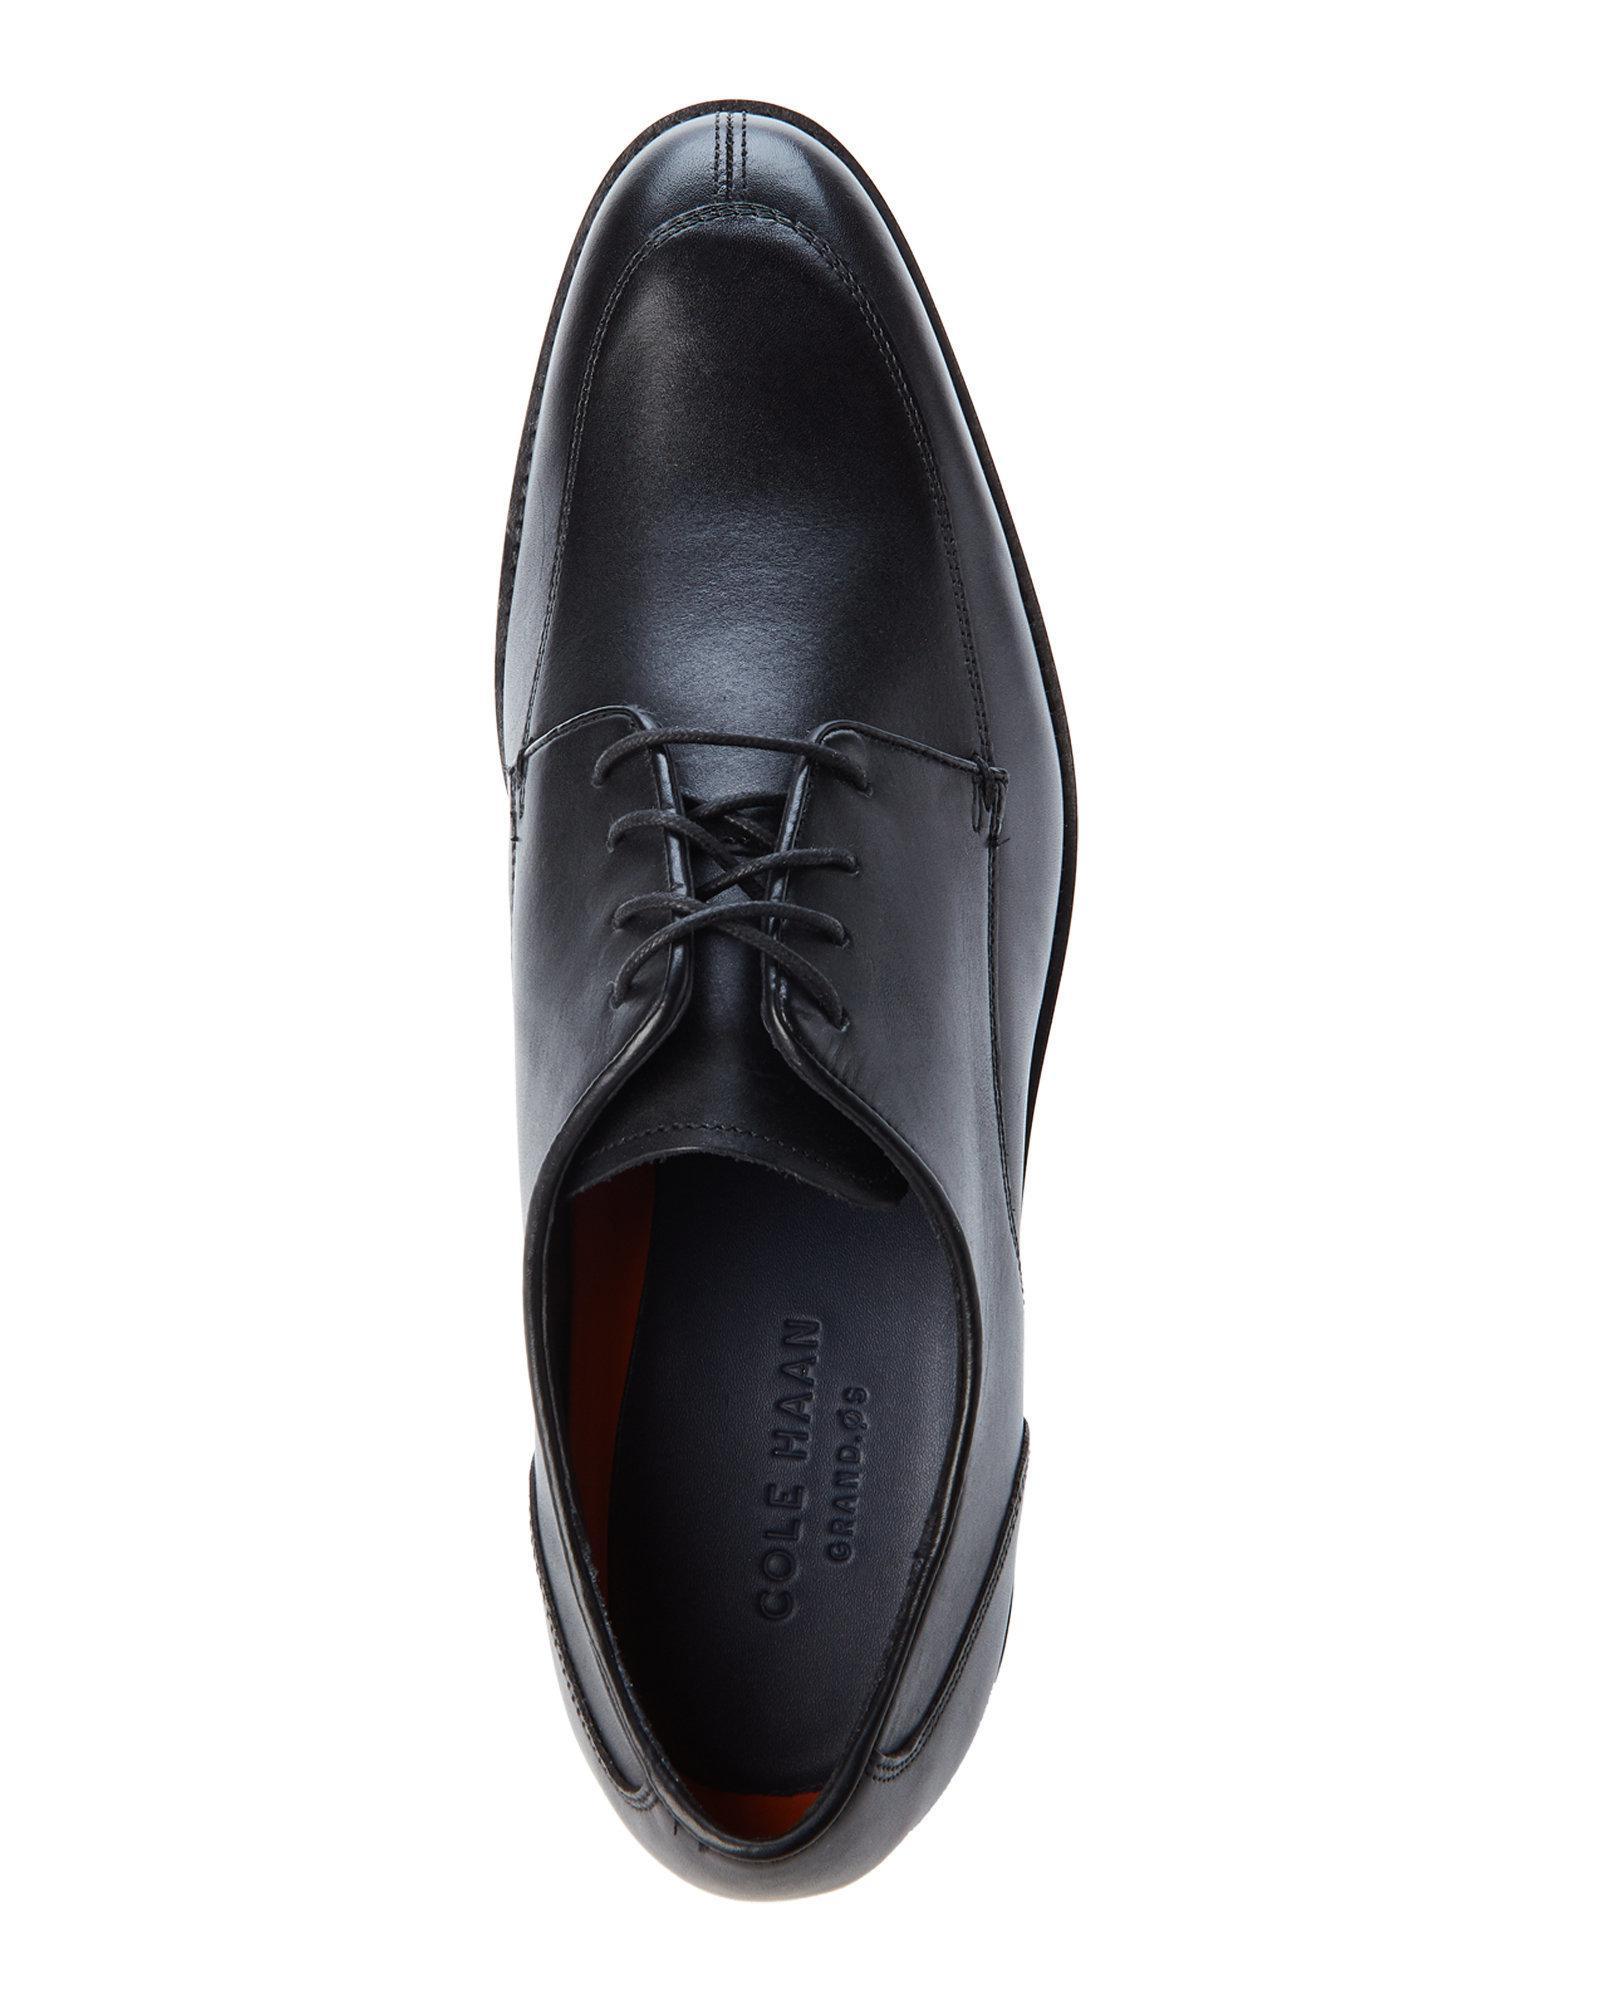 fe22275c982be8 ... Black Lenox Hill Split Toe Oxfords for Men - Lyst. View fullscreen